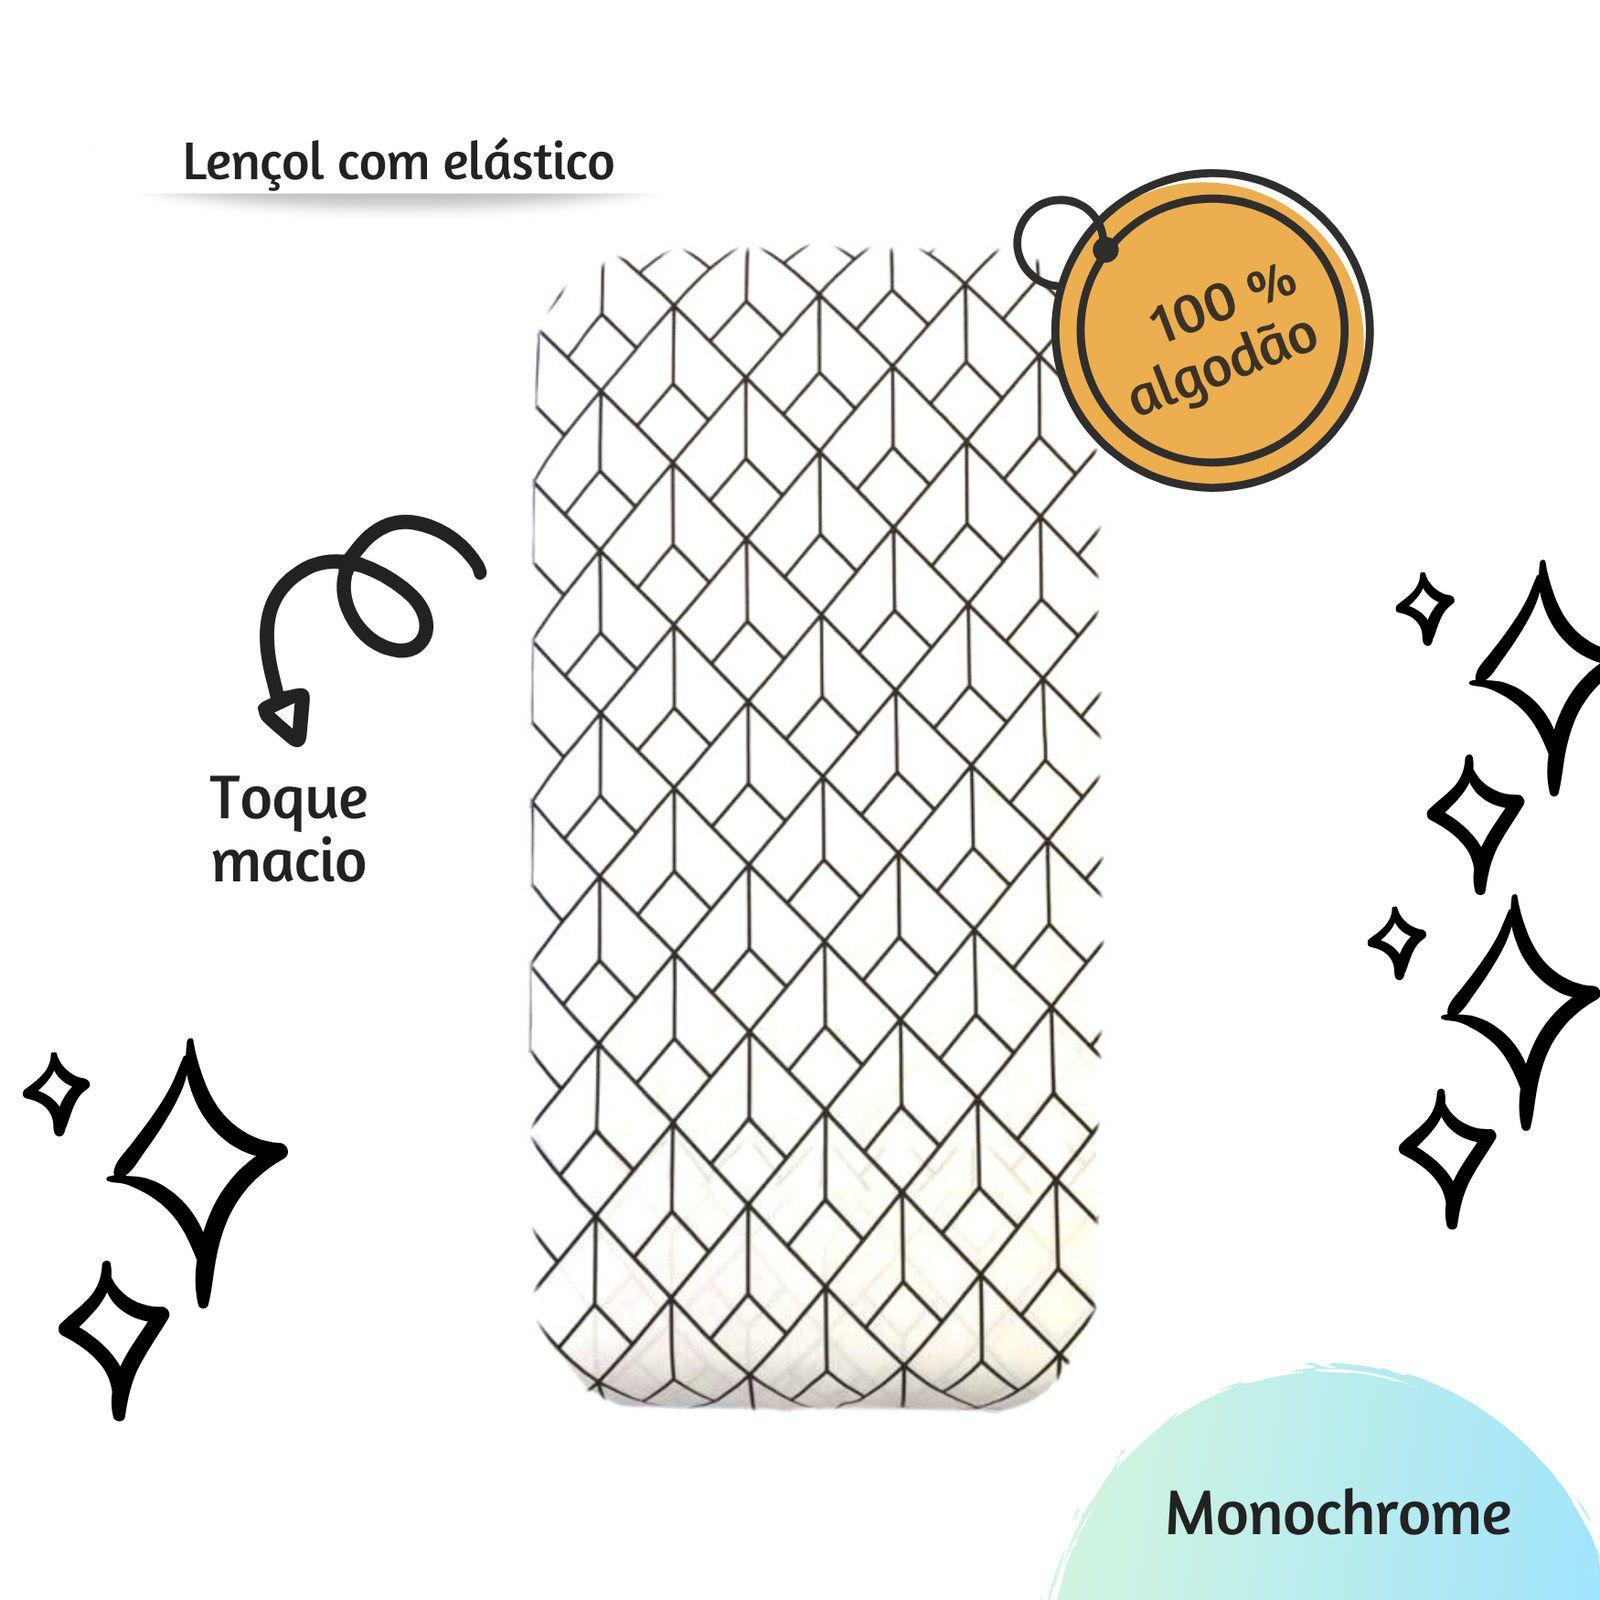 Lençol com elástico mini cama 70 x 150 cm Monochrome  - Pomelo Decor